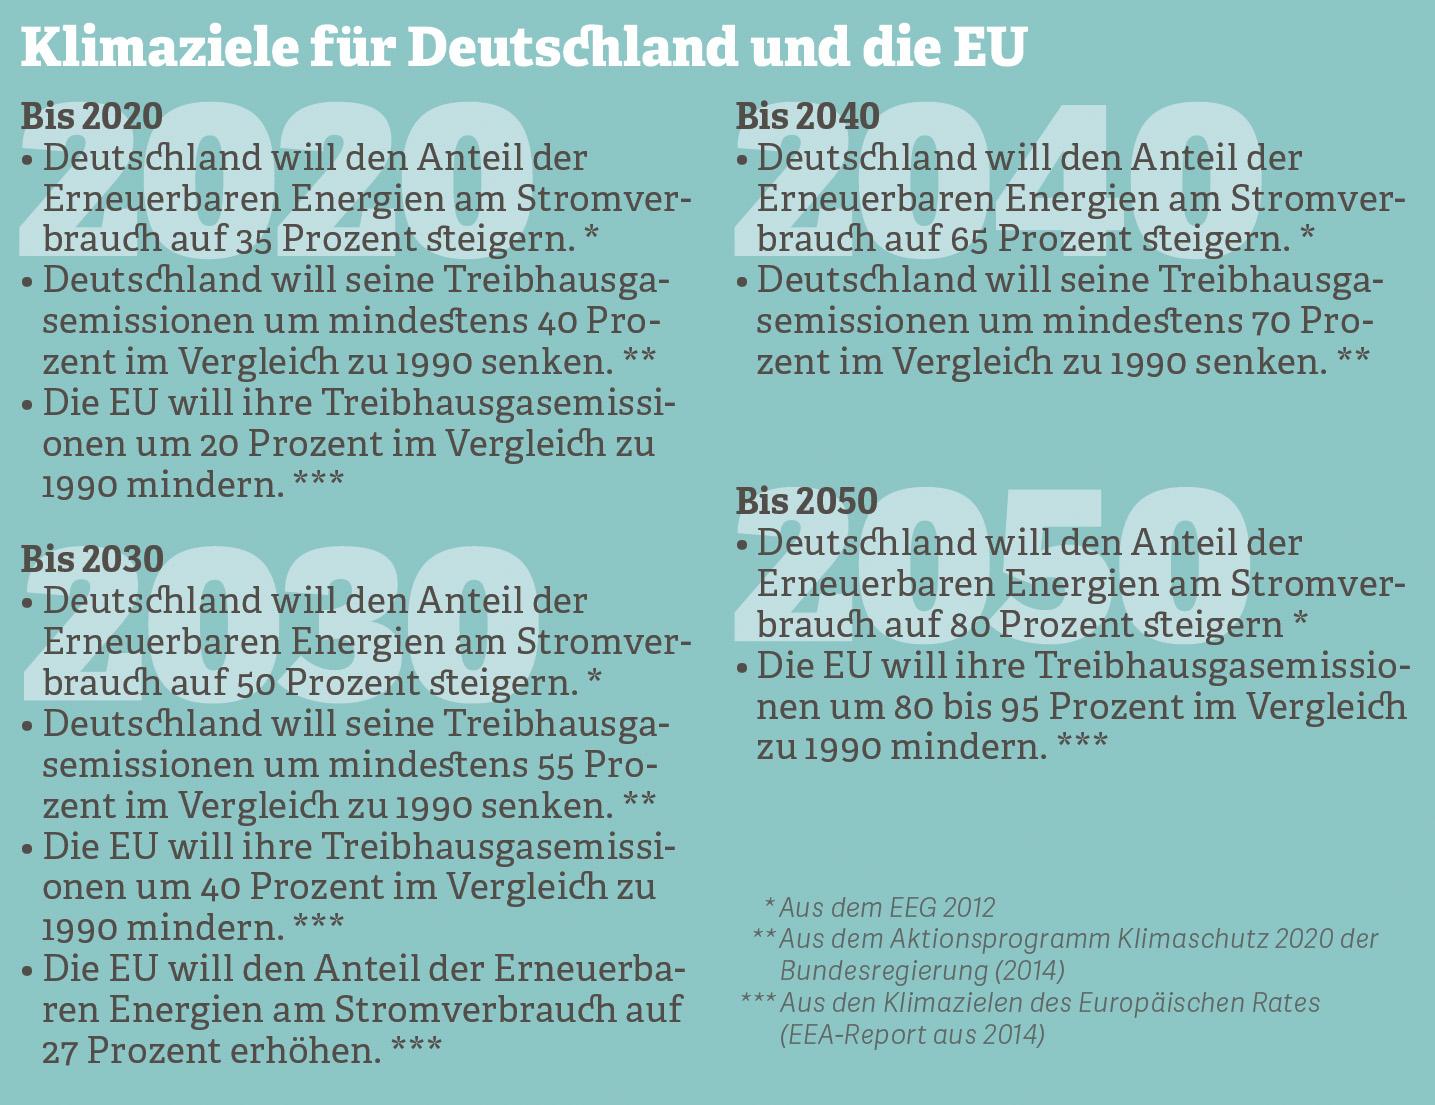 Grafik zu Klimazielen für Deutschland und die EU